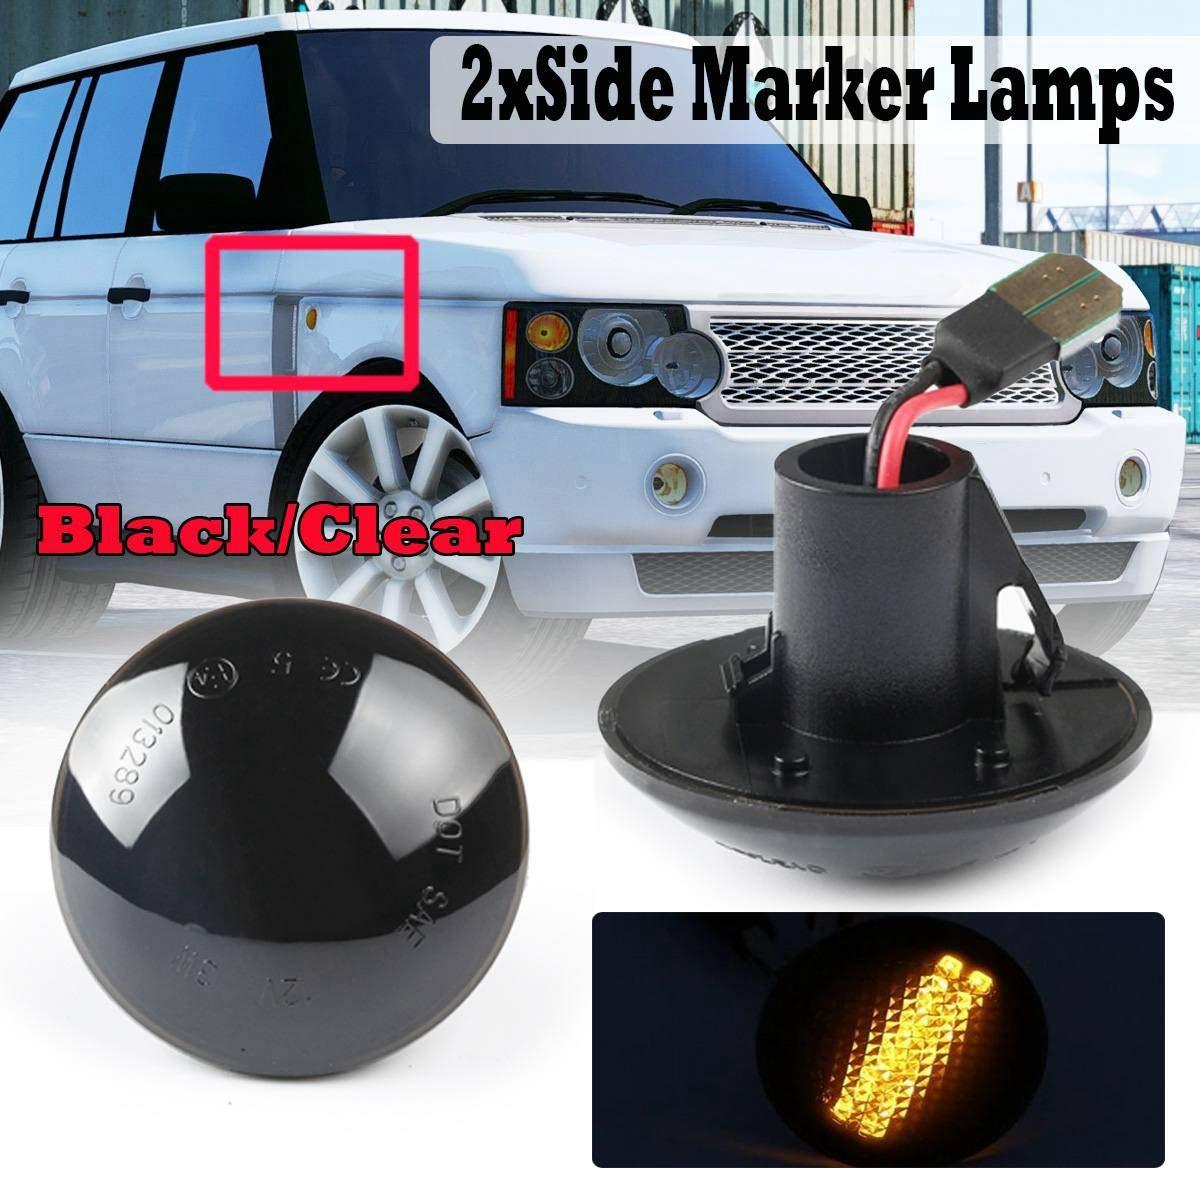 SODIAL Car Dynamic LED Ripetitore Laterale Indicatore Luminoso Indicatore Laterale Scorrevole Lampada Spia per Land Range Rover L322 2002-2012 Nero